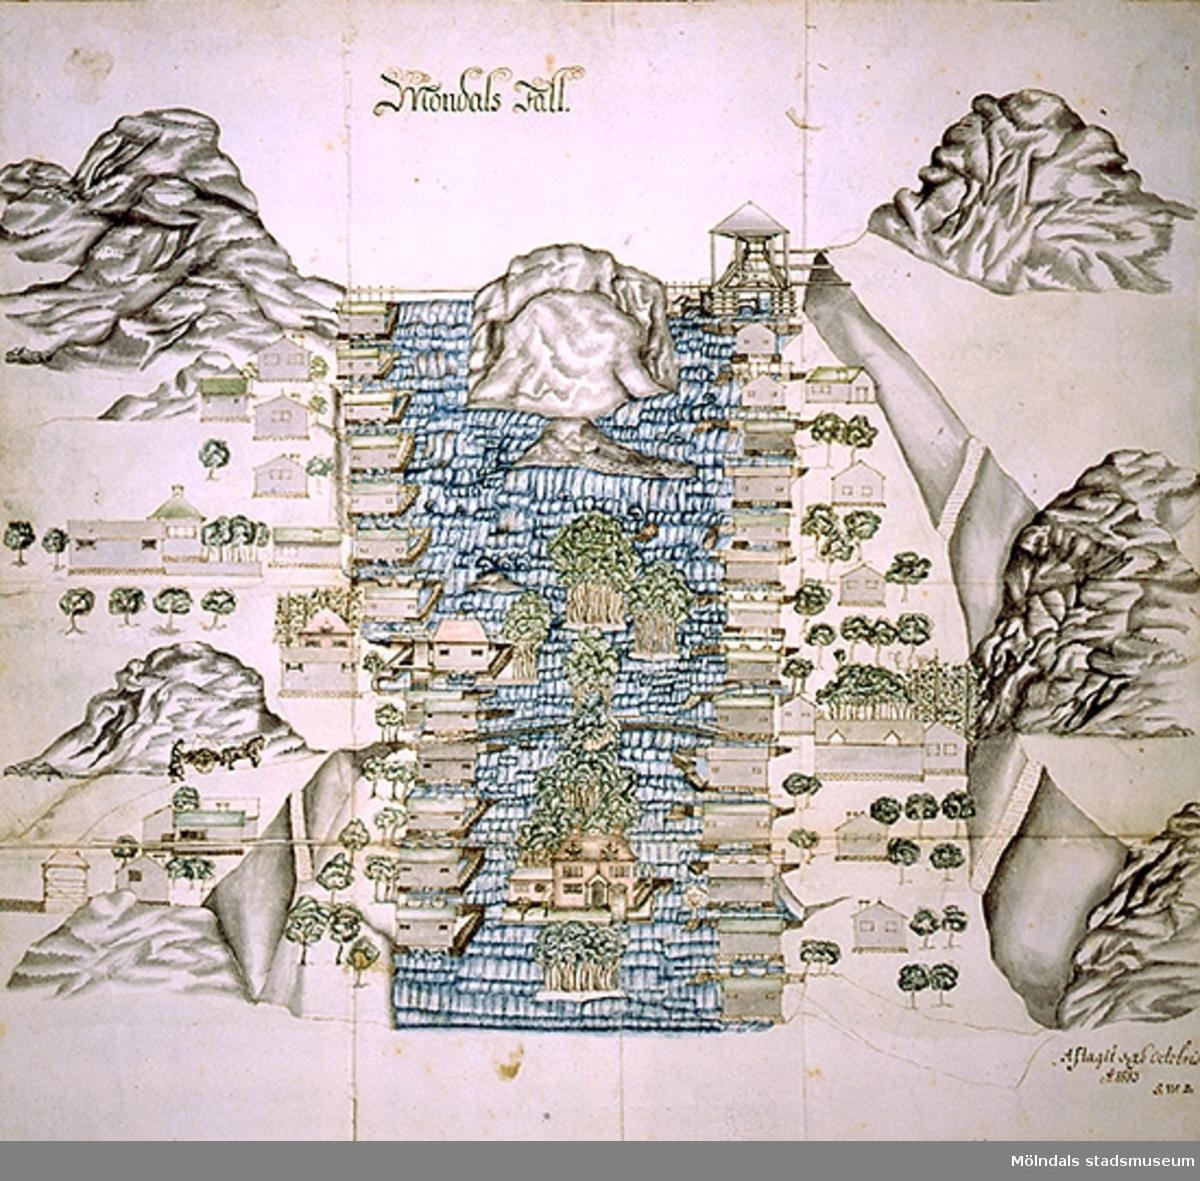 Reproduktion av gammal akvarell över Mölndalsfallen. Originalet hänger i Kungliga bibliotekets (D.G. Neschers) samling och är från 26 oktober 1693, signerad S.W.B. (Staffan Wolter Bergh, 1671-1745). Visar schematiskt Mölndalsfallen med flankerande kvarnar och andra byggnader.